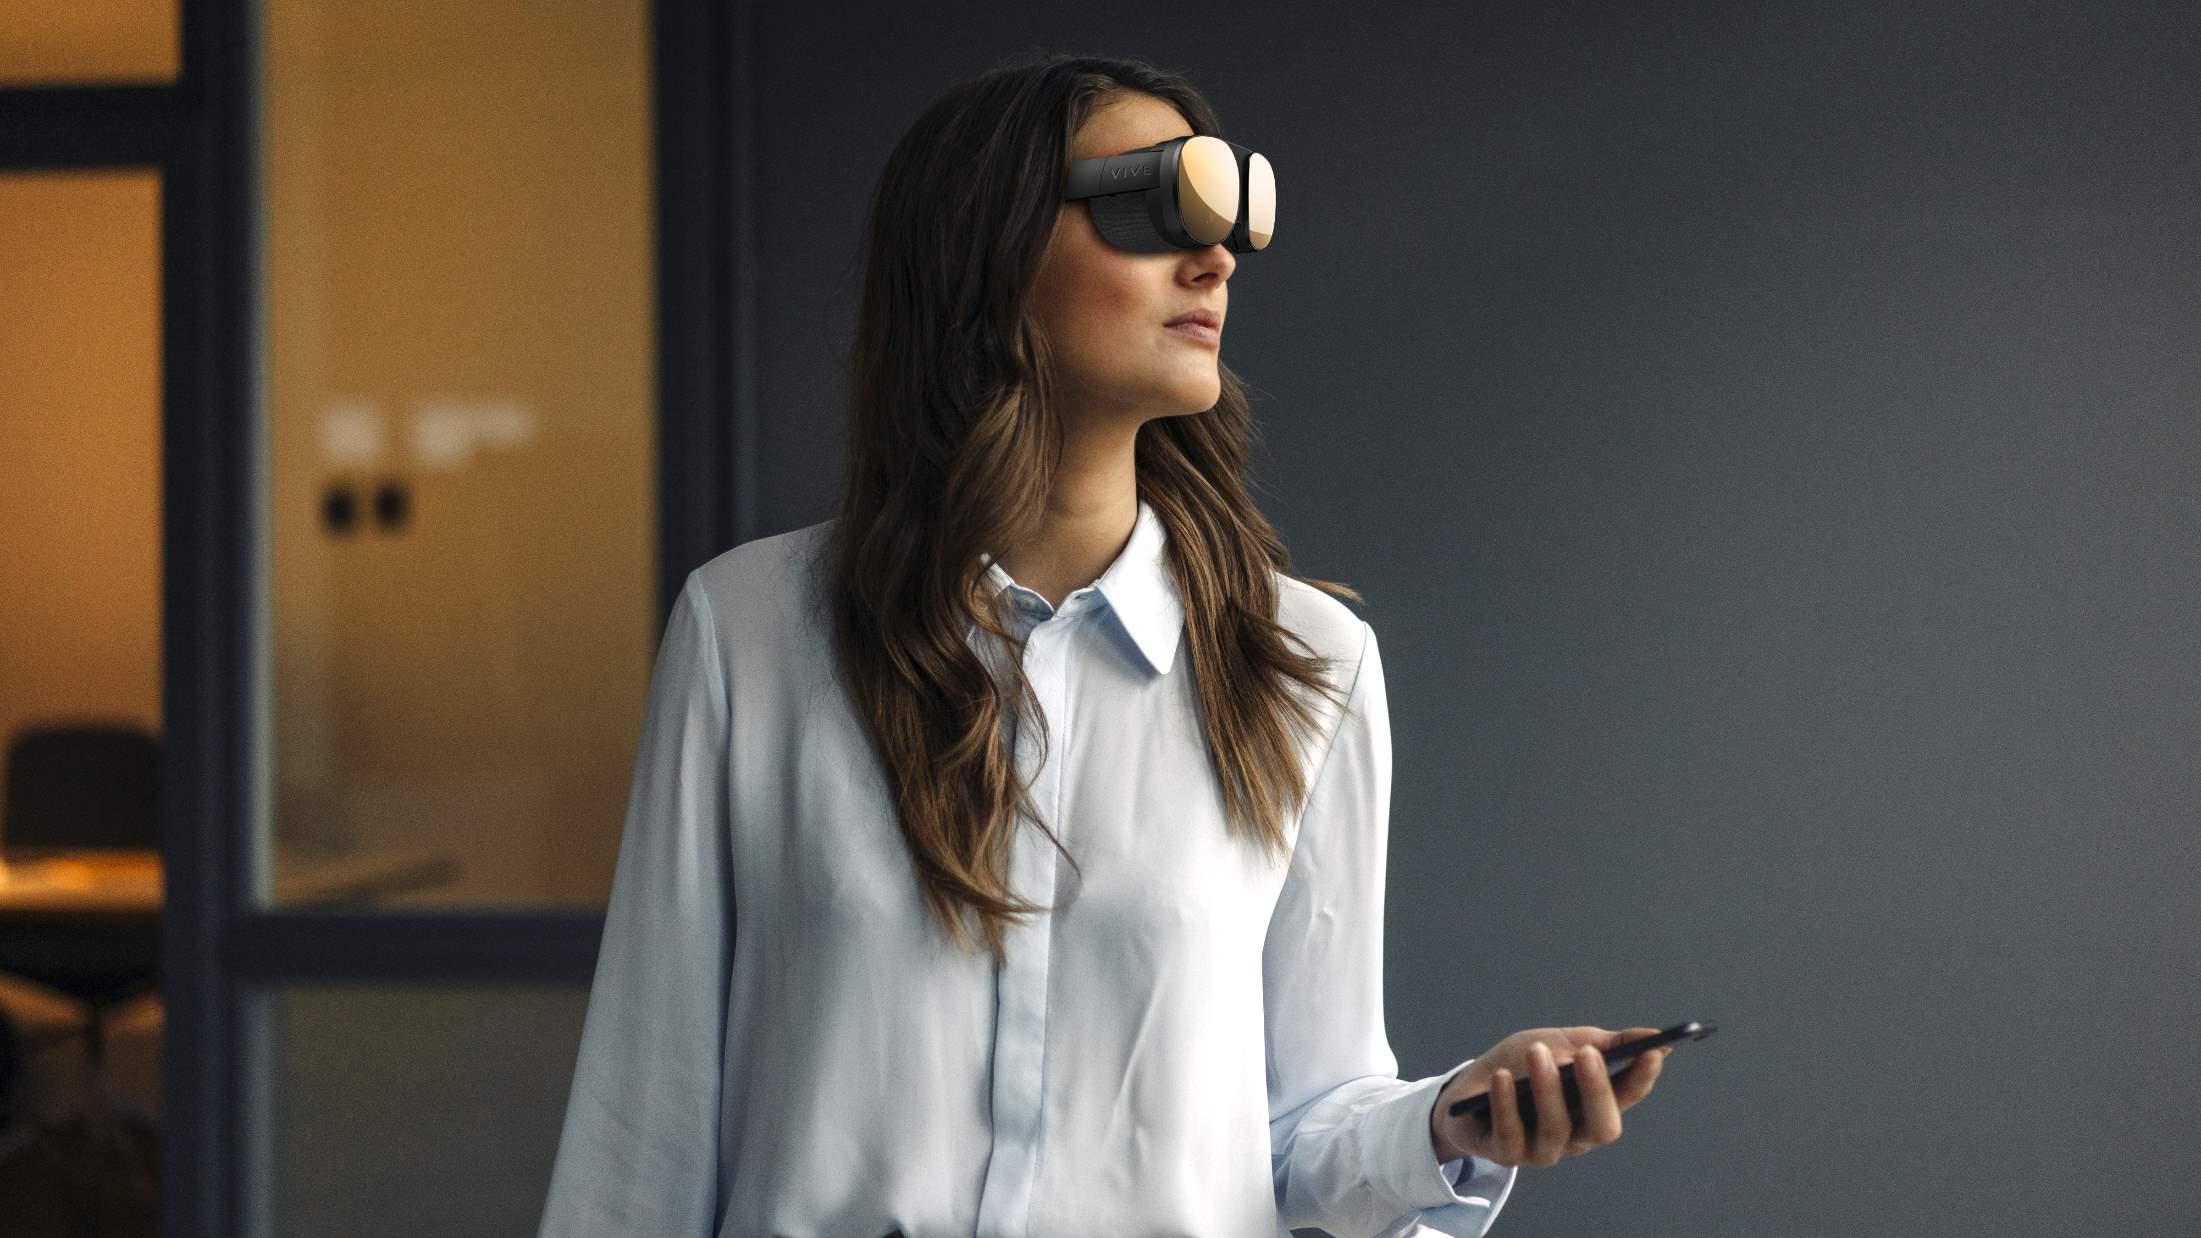 Vive Flow to pierwsze tego typu okulary VR od HTC. Są wyjątkowo lekkie, a rozrywka to tylko część ich zastosowań